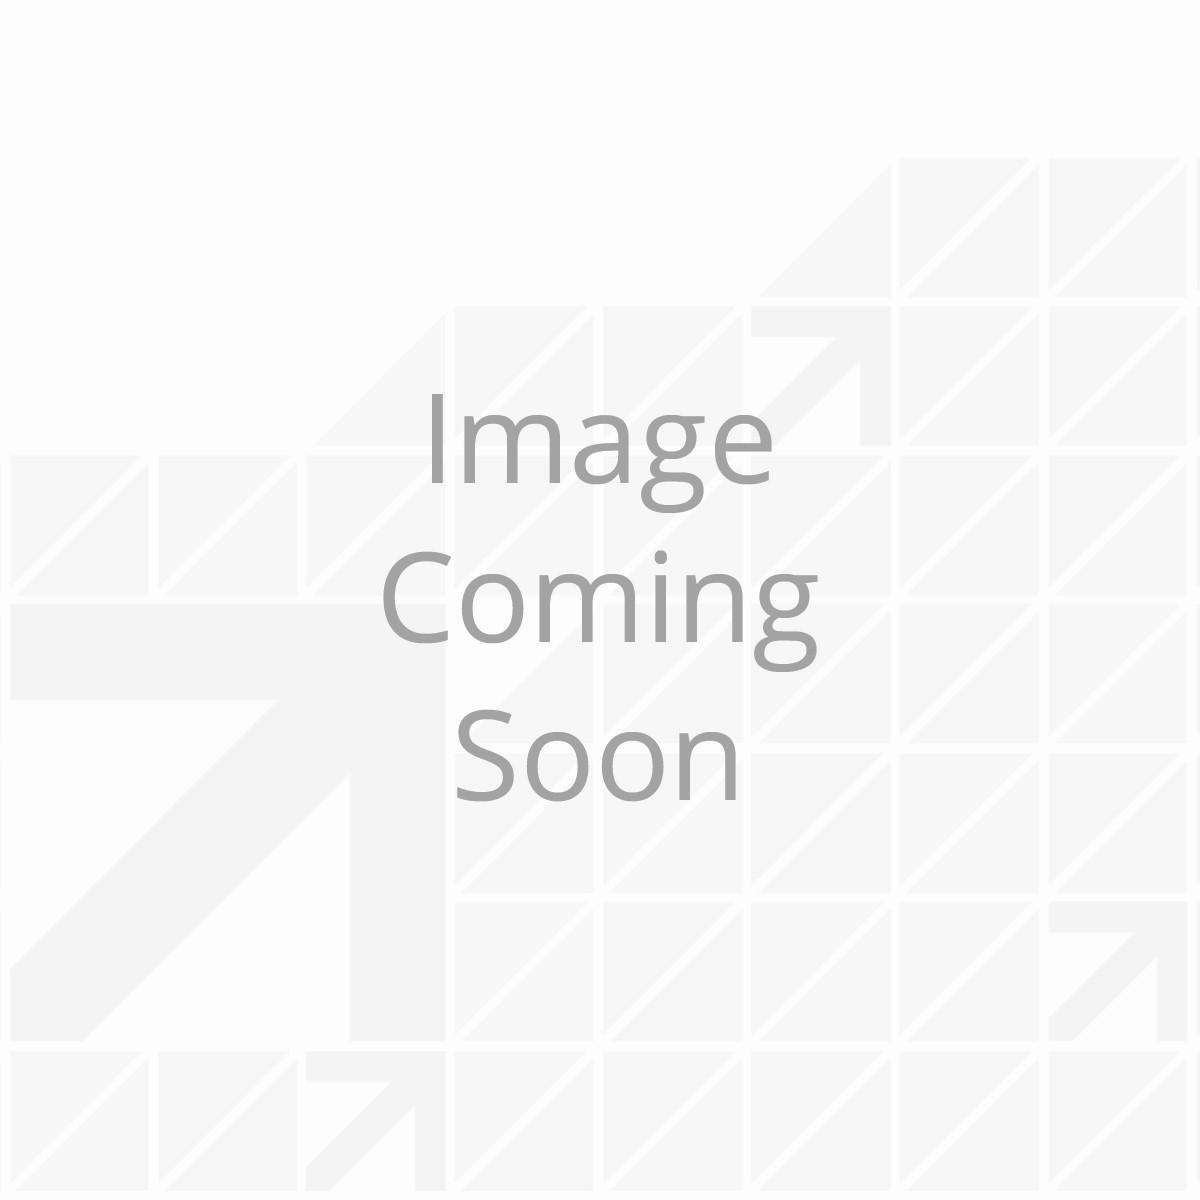 729936_Observation-System-FOS07TDBK_001